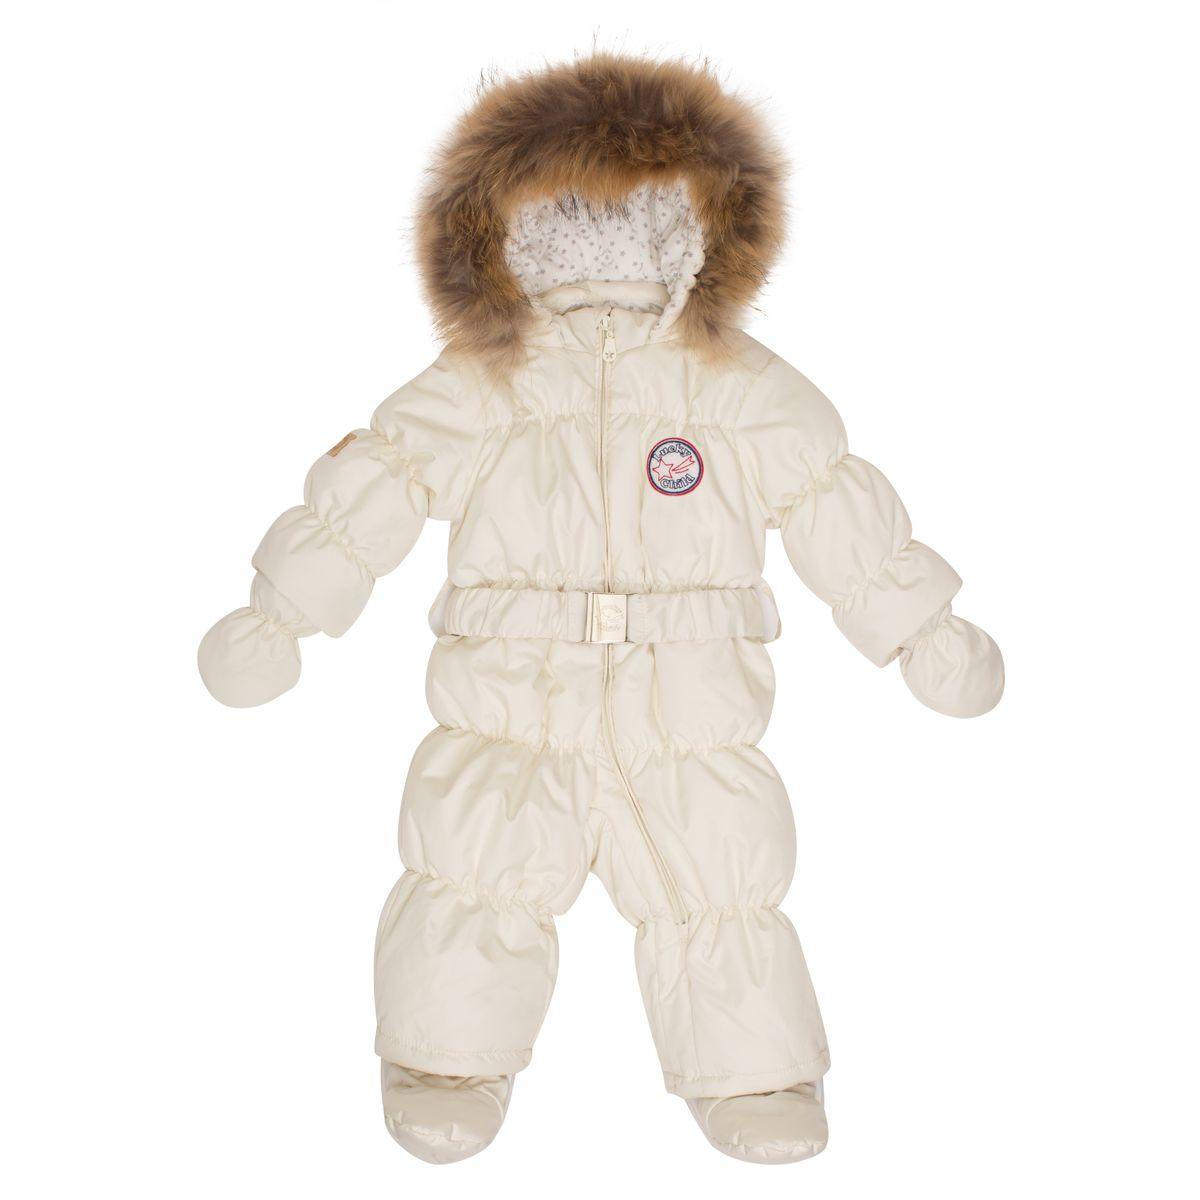 Комбинезон детский Lucky Child, цвет: молочный. В1-3. Размер 68В1-3Этой зимой вашему малышу предстоит впервые увидеть снег? Подберите для этого важного знакомства удобный и тёплый комбинезон Lucky Child! Он выполнен из курточной ткани с влагостойкой пропиткой, а значит, не промокнет, даже если Ваша кроха, знакомясь со снегом, решит нырнуть в сугроб. Наполнитель - лёгкий и тёплый Isosoft, который позволит ребёнку не мёрзнуть при температуре до -30°и при этом вести активную деятельность во время прогулки. Трикотажная подкладка (кулирка) обладает воздухопроницаемыми и водоотводными свойствами, что очень важно, если малыш вспотеет. Капюшон оторочен натуральным мехом енота. Ножки и ручки малыша утеплят отстёгивающиеся варежки и сапожки.